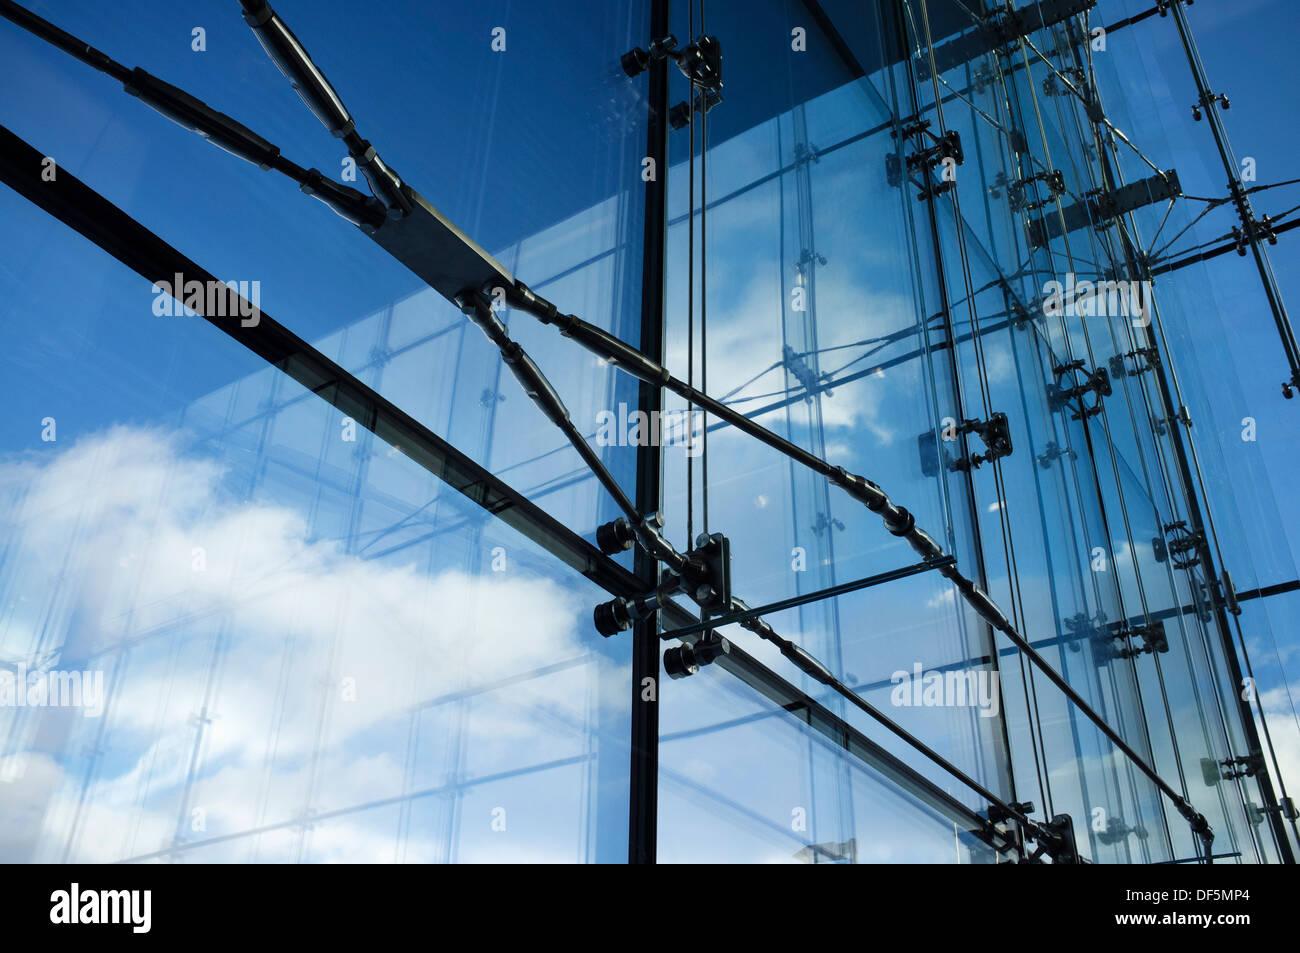 Détail de l'architecture moderne: l'acier et le verre de l'intérieur des structures. Photo Stock